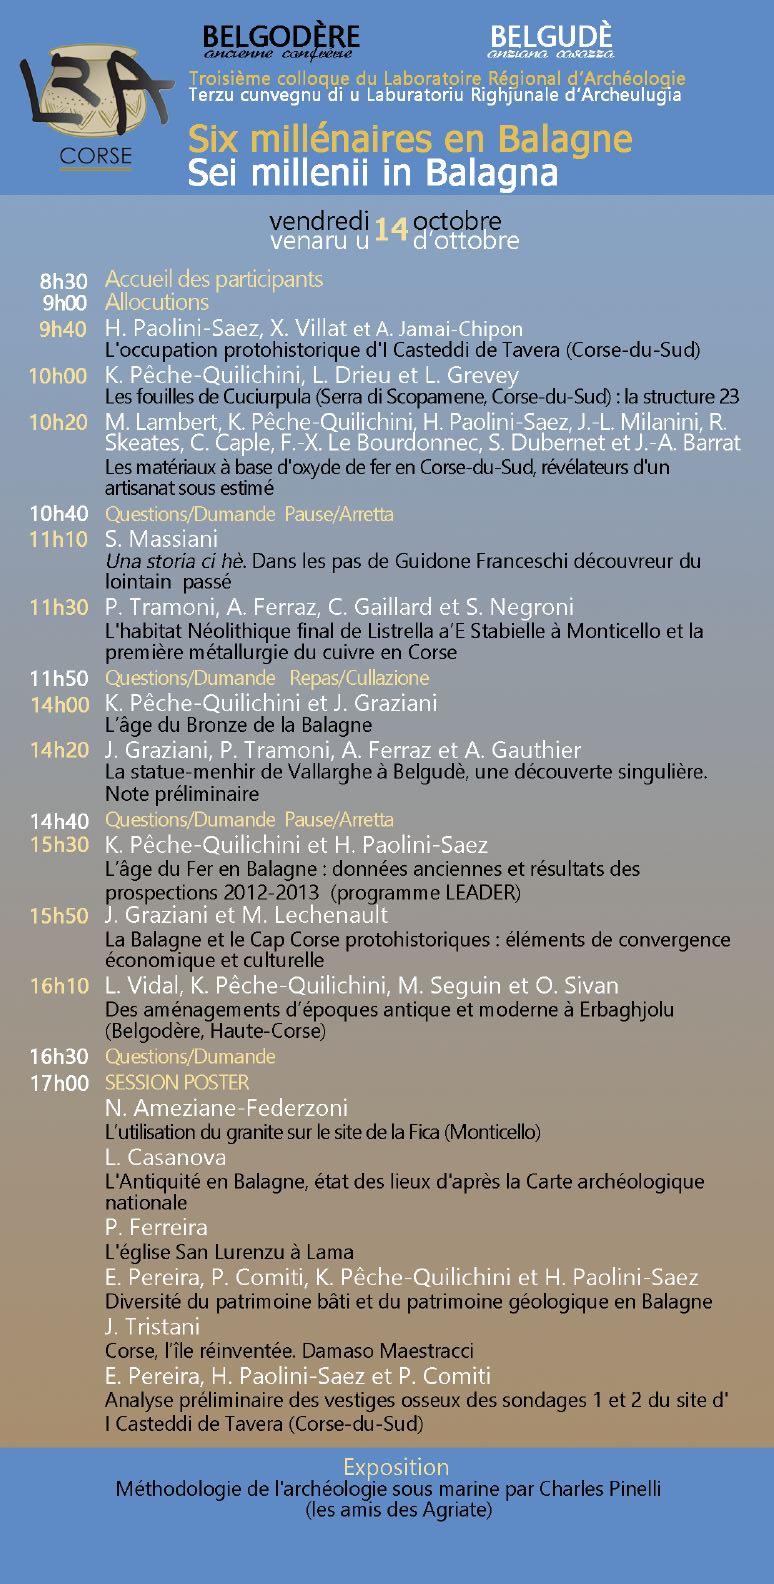 3e colloque du Laboratoire régional d'archéologie du 14 au 16 octobre à Belgodère